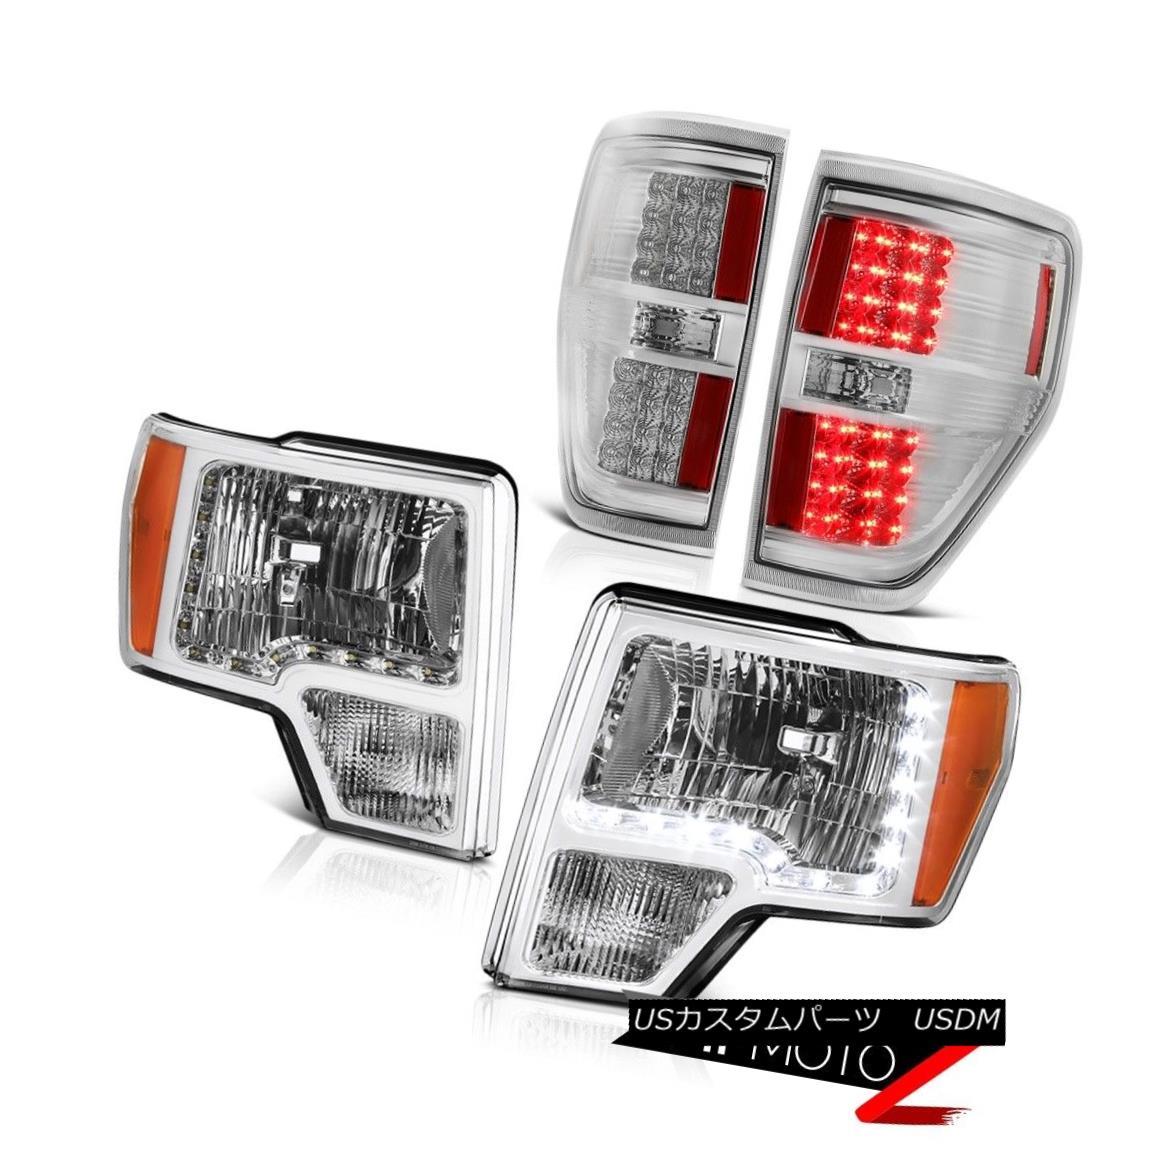 テールライト 2009-2014 F150 Harley Davidson Diamond Cut Headlights LED Bulb Brake Tail Lights 2009-2014 F150ハーレーダビッドソンダイヤモンドカットヘッドライトLED電球ブレーキテールライト